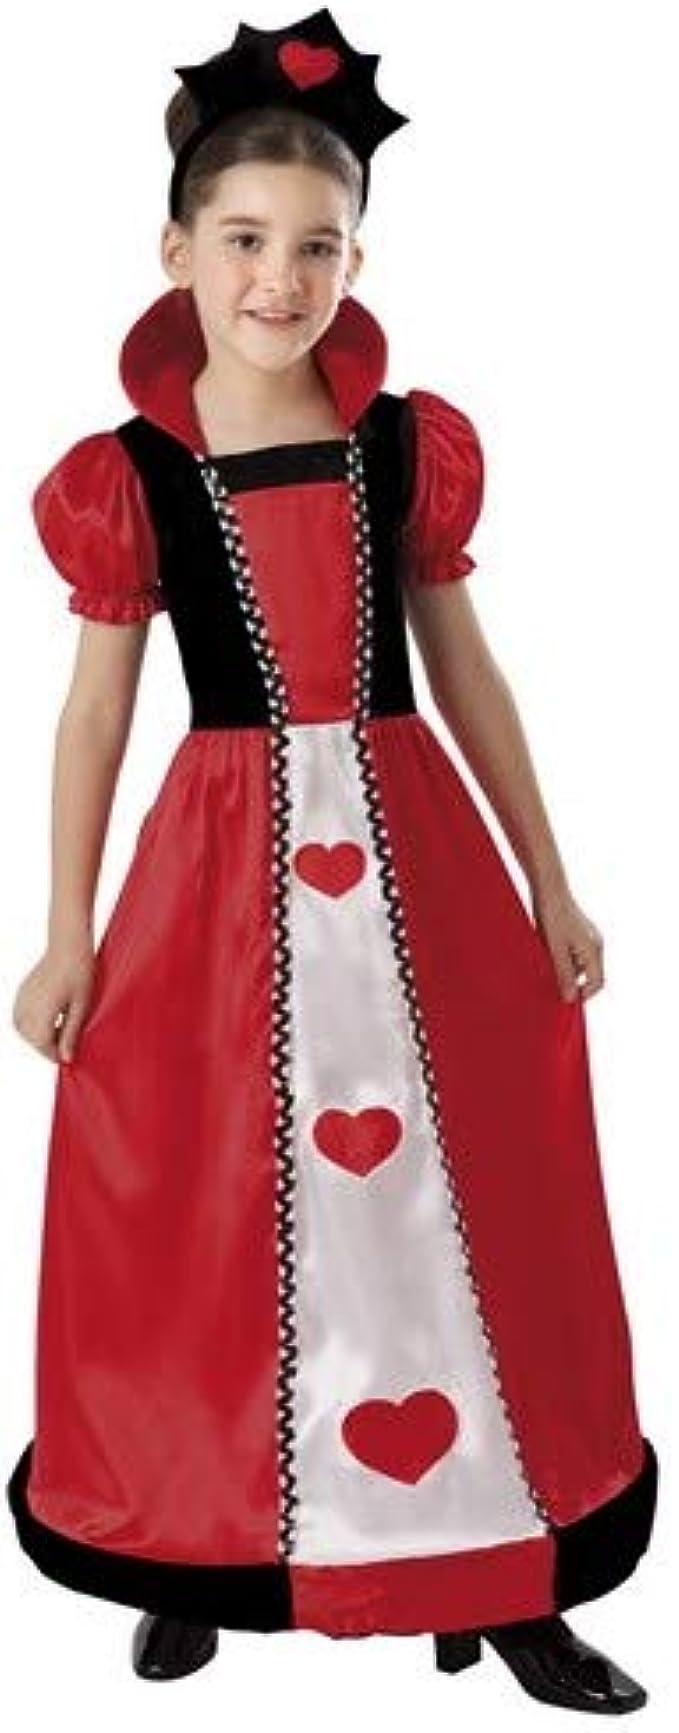 Disfraz Reina de Corazones en varias tallas: Amazon.es: Ropa y ...